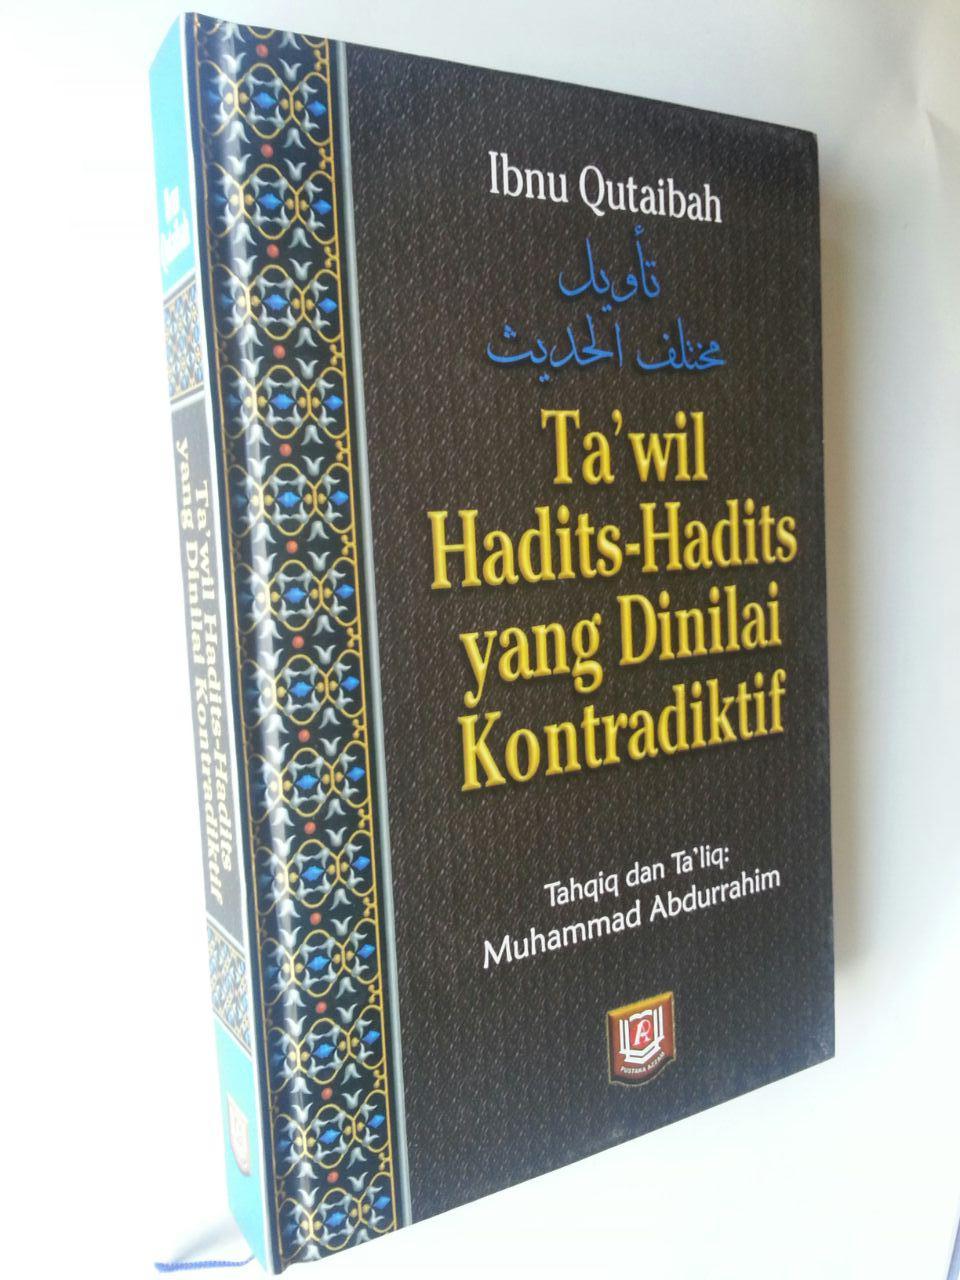 Buku Ta'wil Hadits-Hadits Yang Dinilai Kontrakdiktif cover